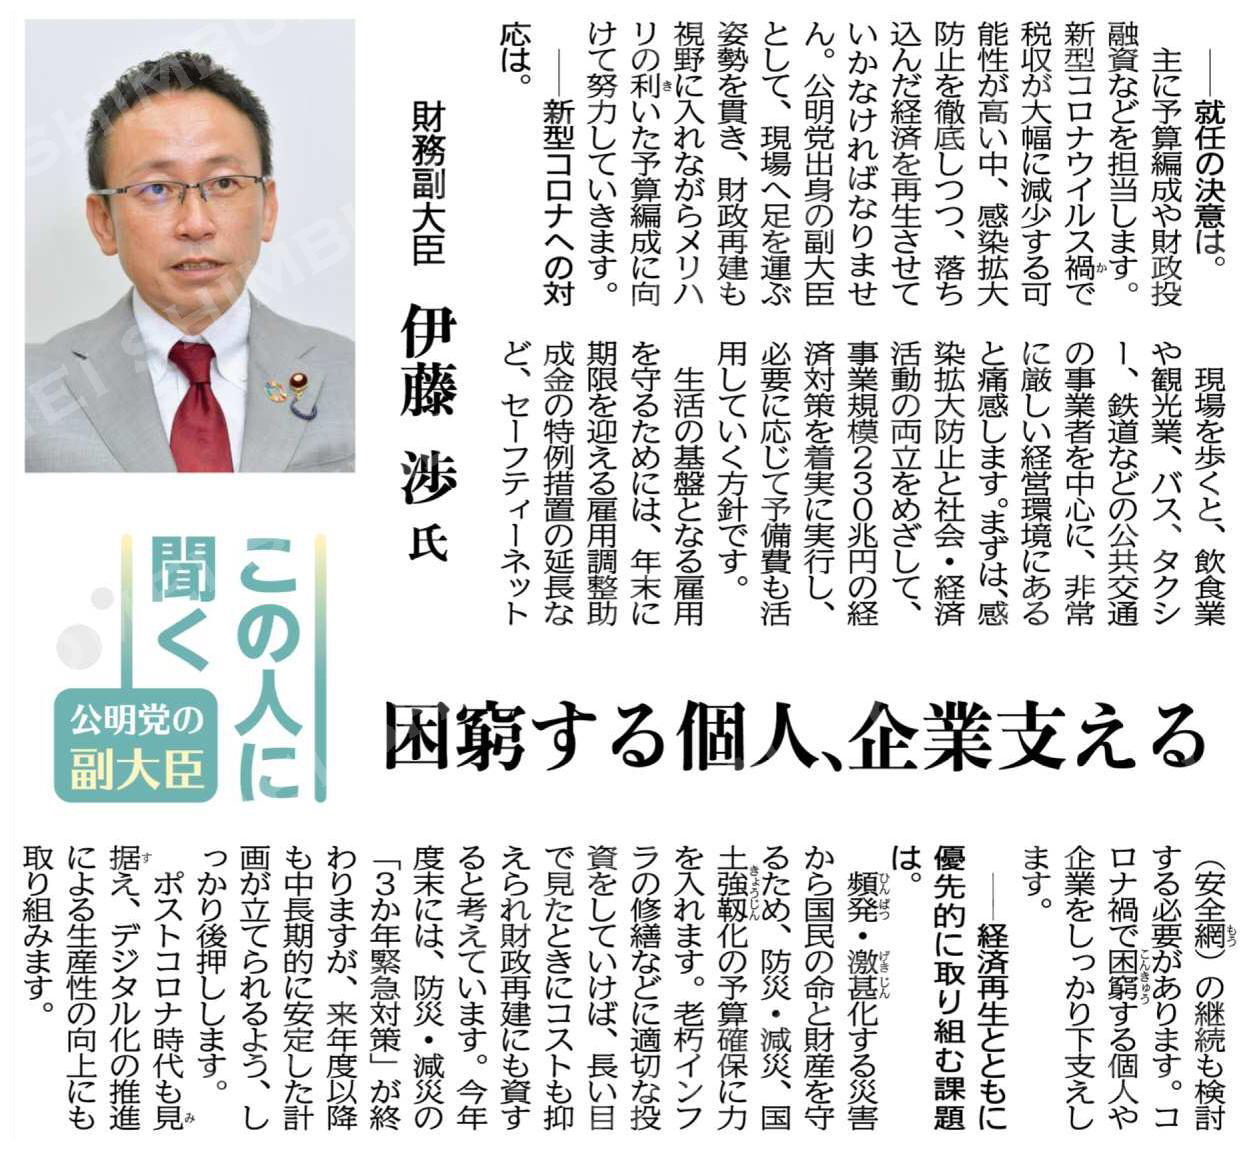 公明党の副大臣)困窮する個人、企業支える/財務副大臣・伊藤渉氏